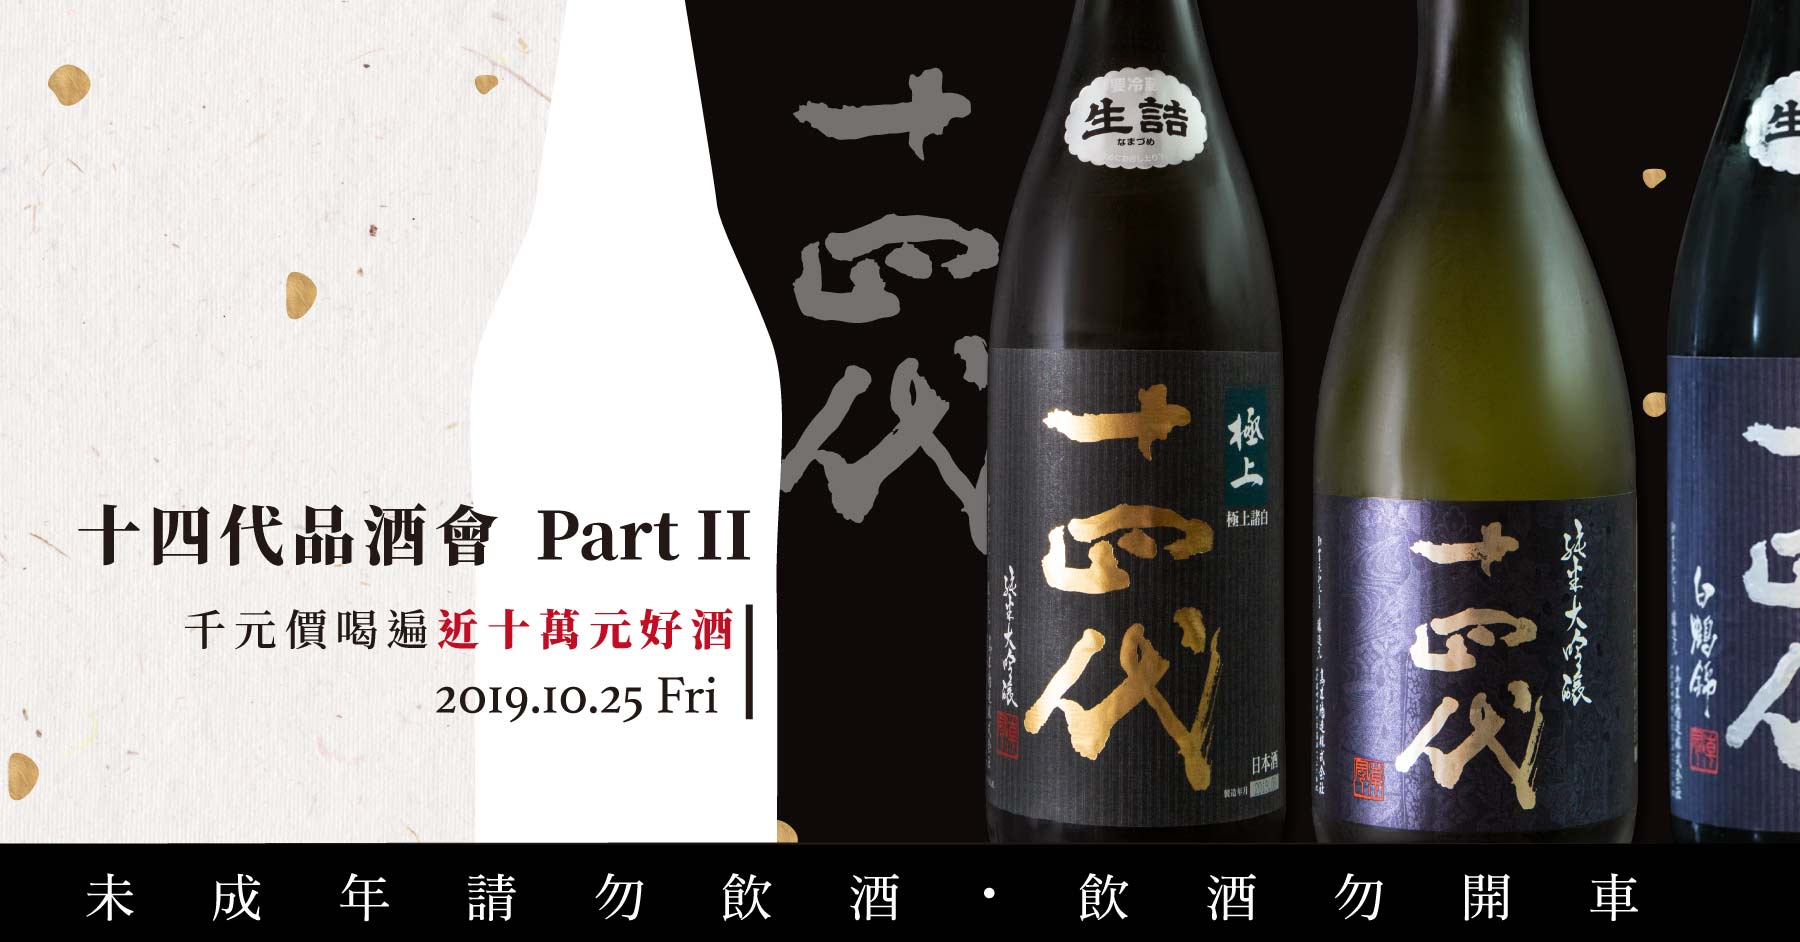 〖 十四代品酒會 〗千元價喝遍十萬以上好酒 II